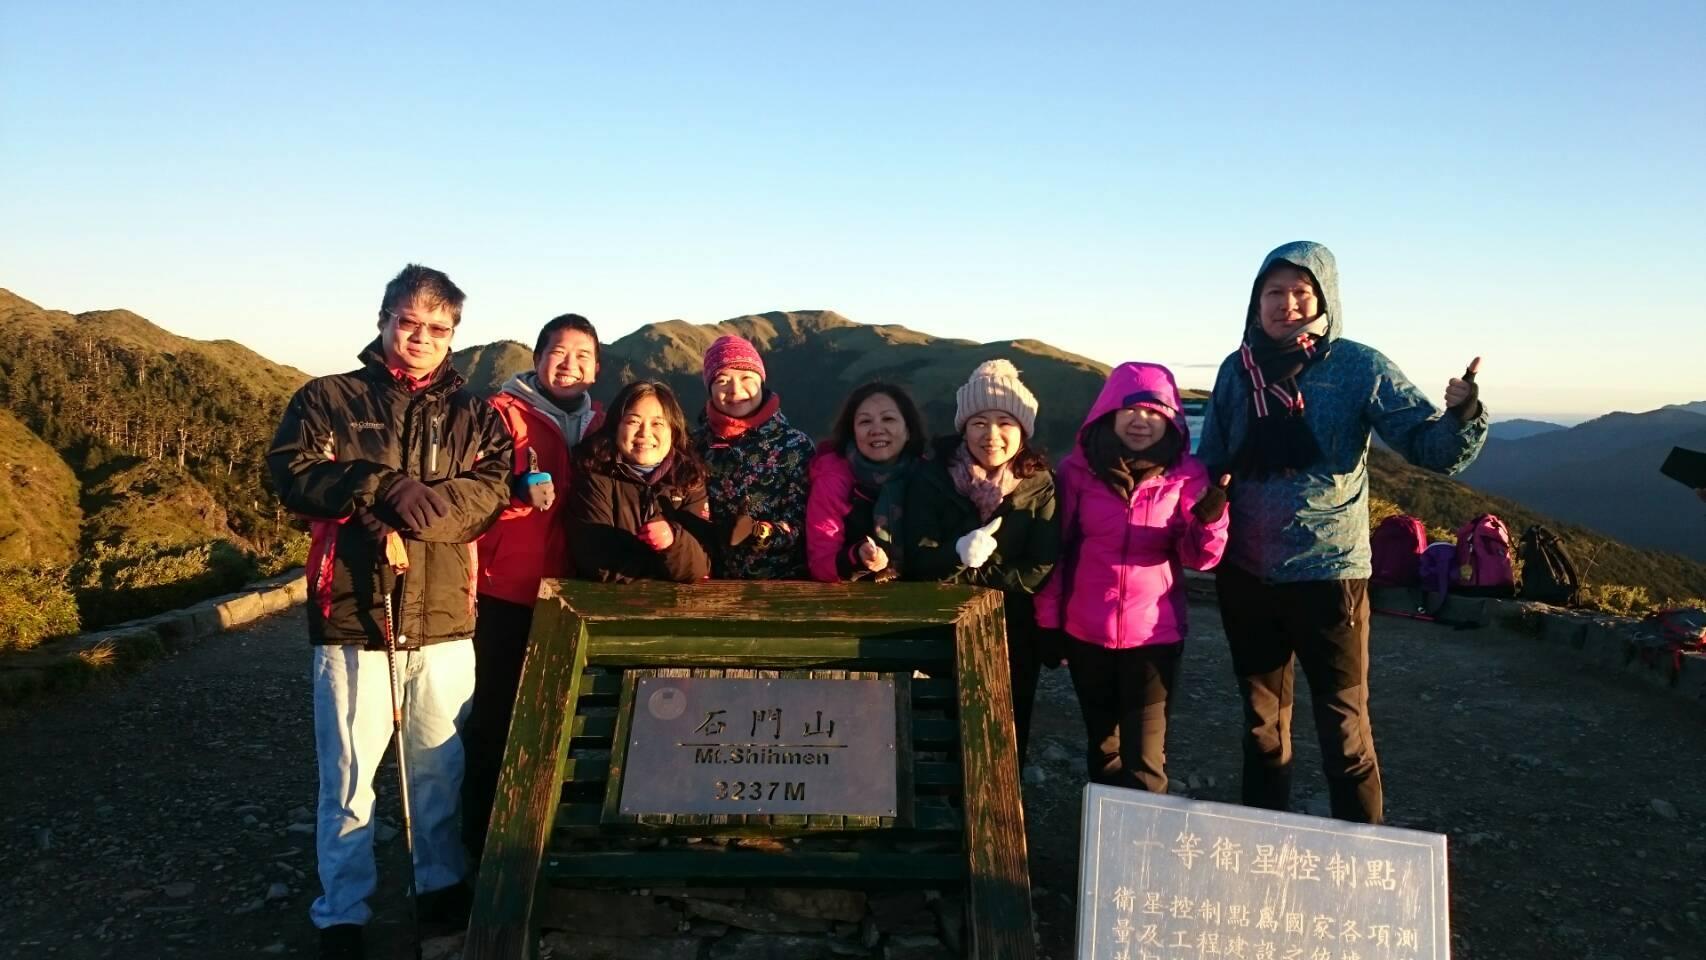 珠峰登山社11-1-2合歡群峰 百岳四座 香港的朋友